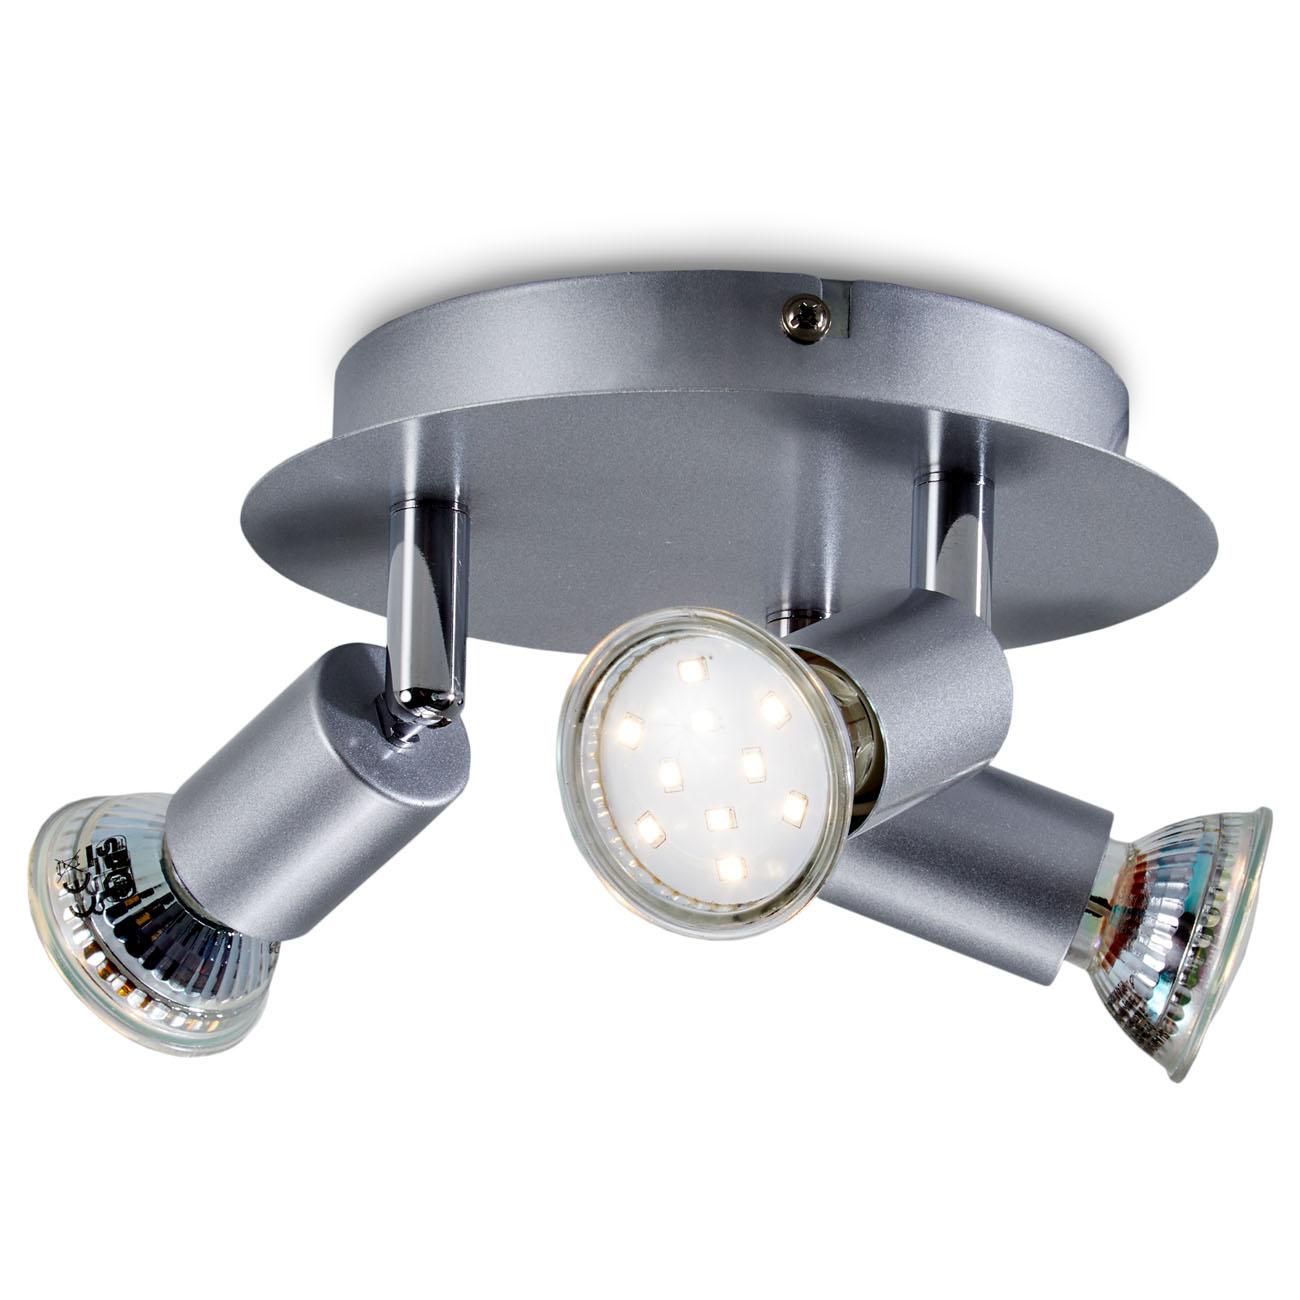 LED Deckenstrahler Deckenspot 3-flammig matt-nickel - 1